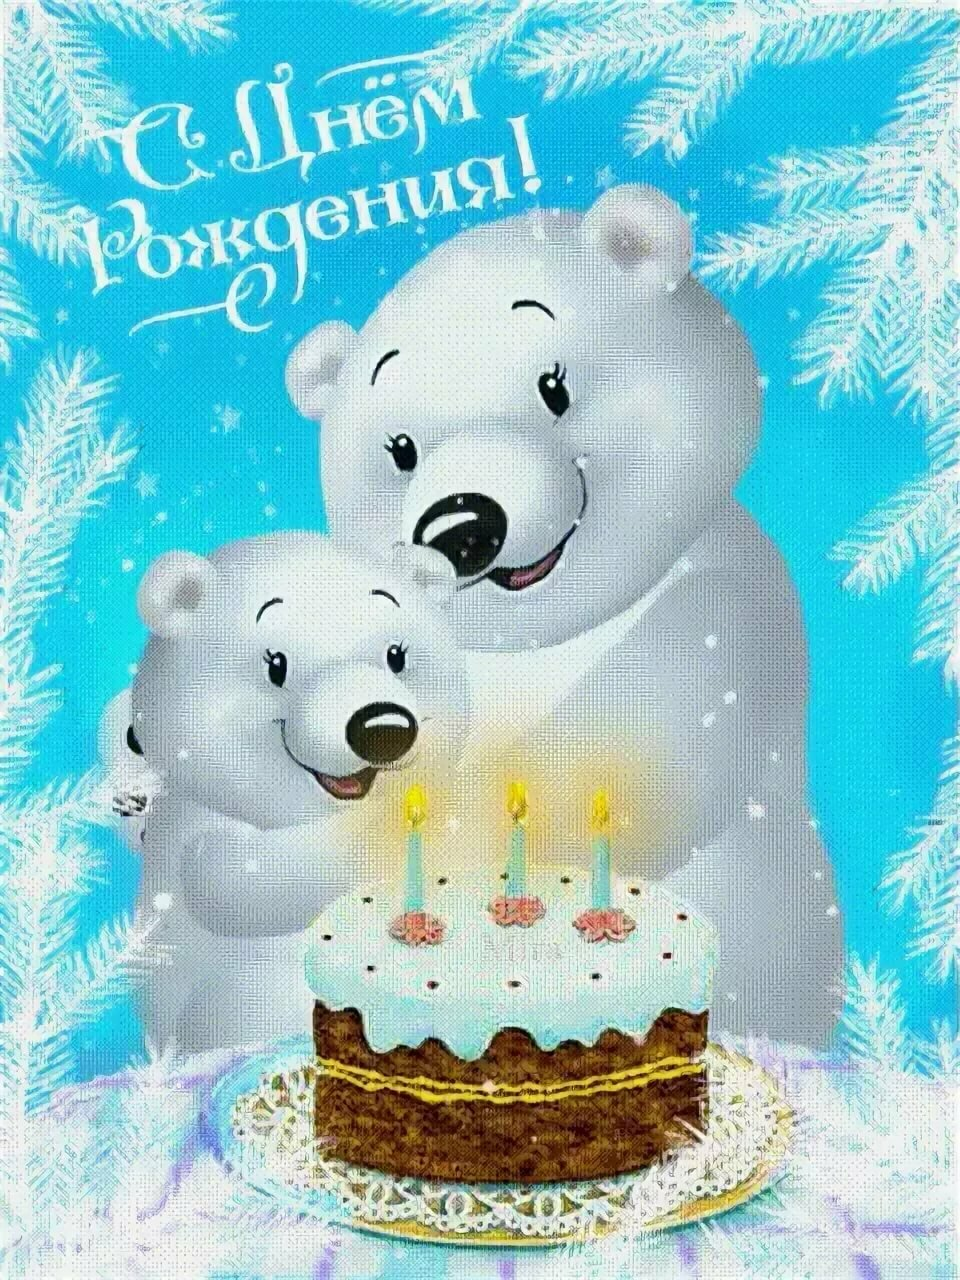 Друга, открытки с днем рождения с медведями